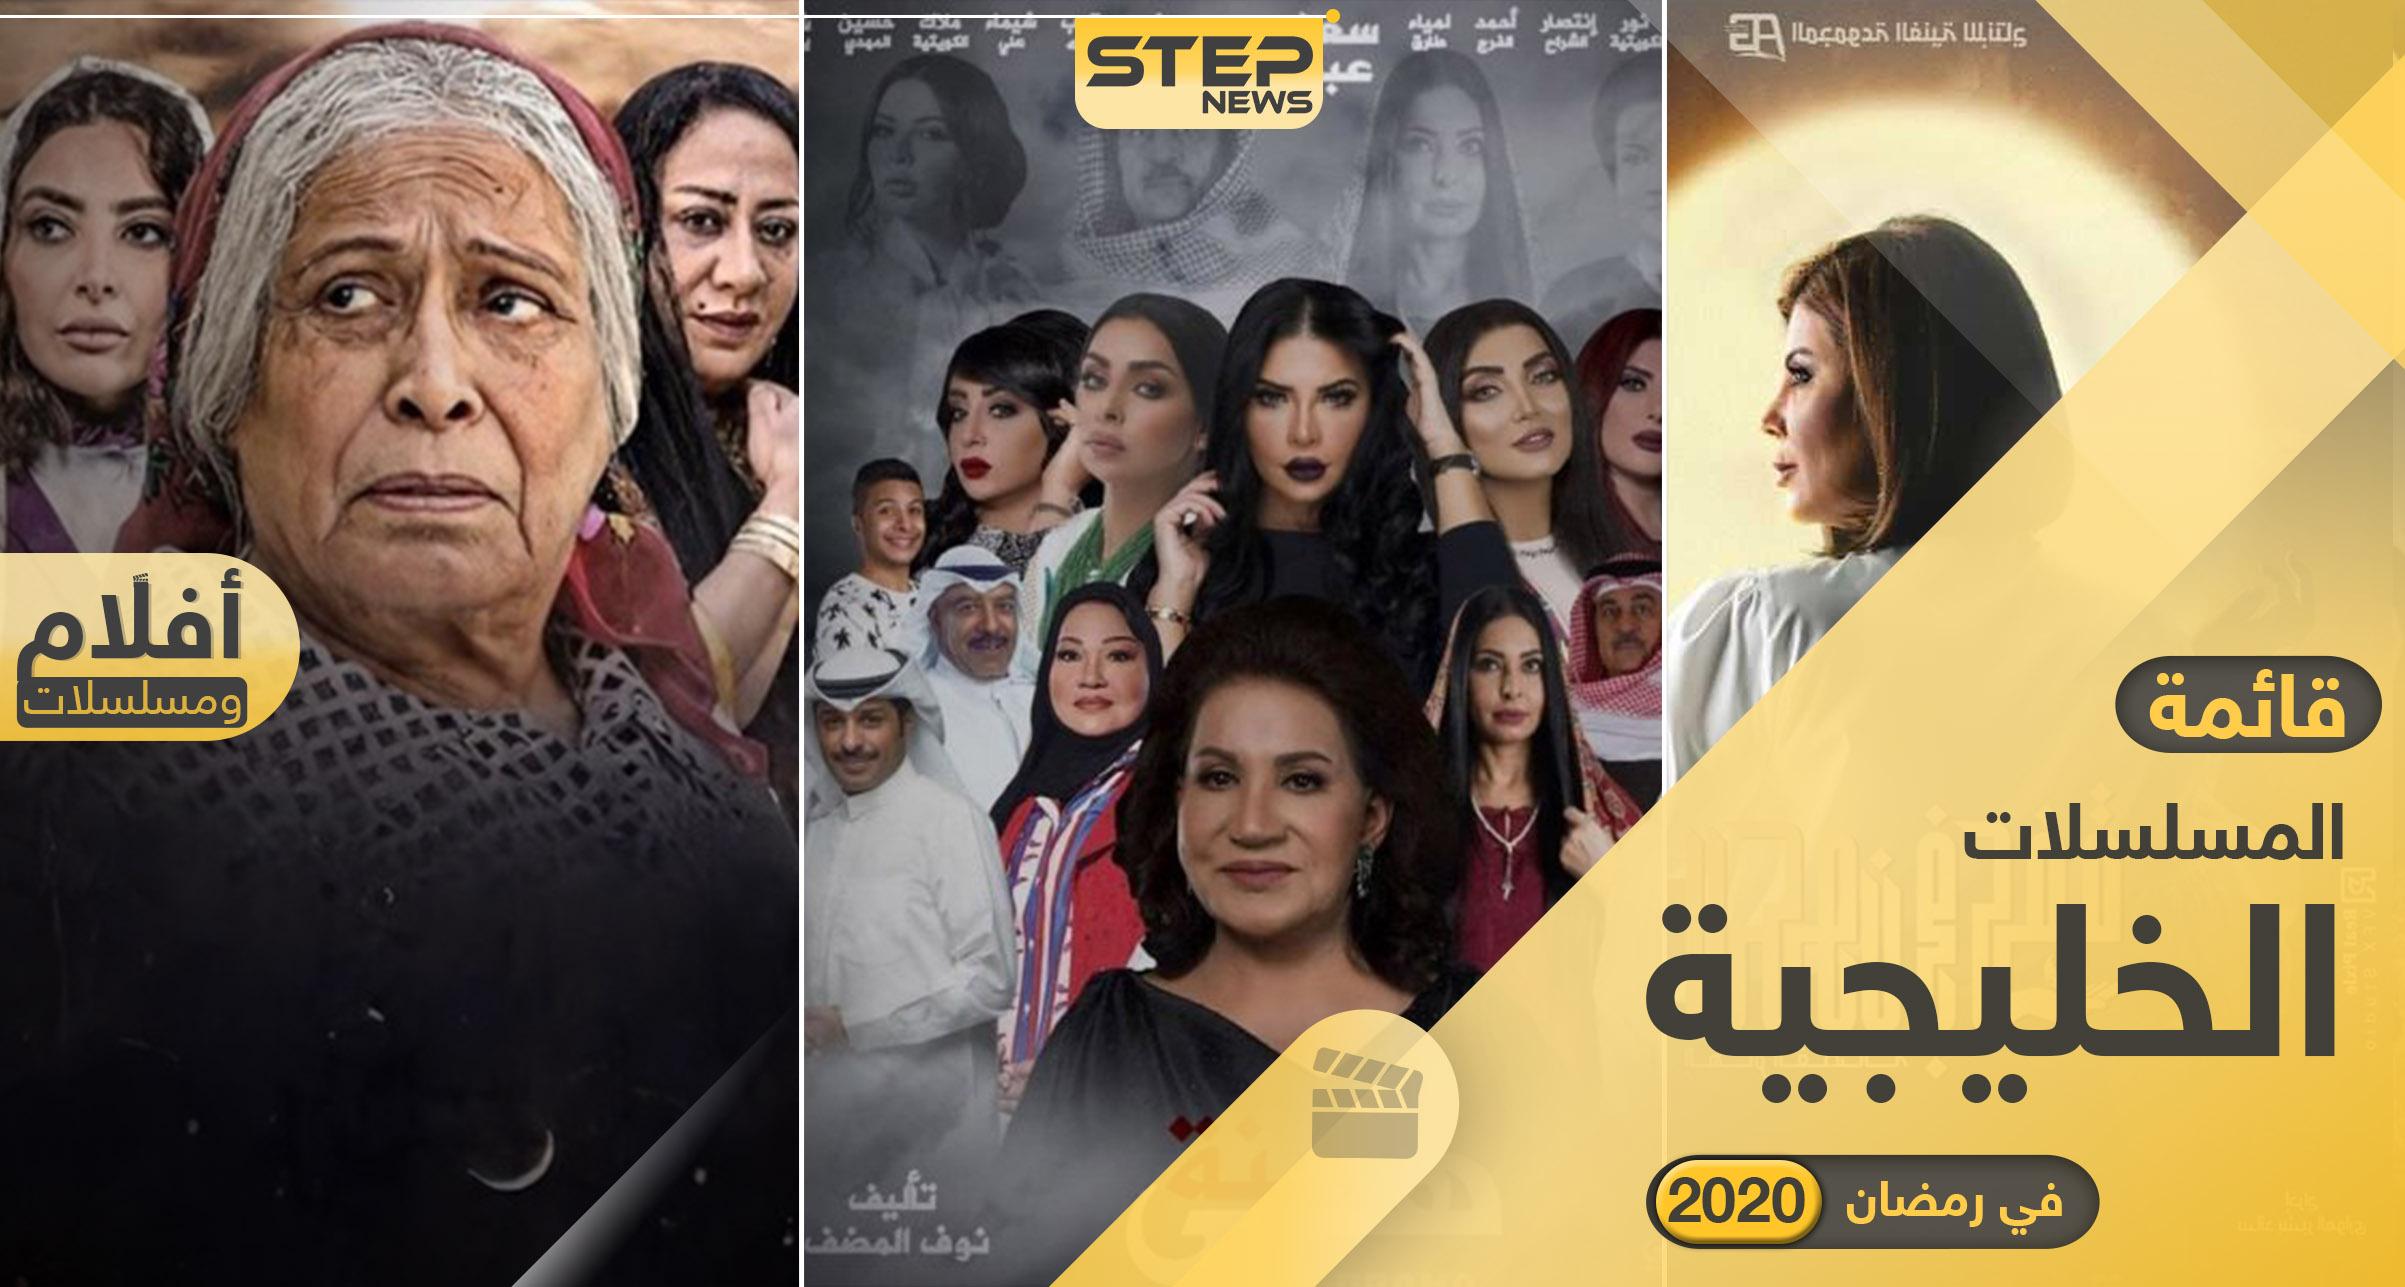 قائمة أفضل المسلسلات الخليجية في رمضان 2020 وقنوات عرضها وكالة ستيب الإخبارية